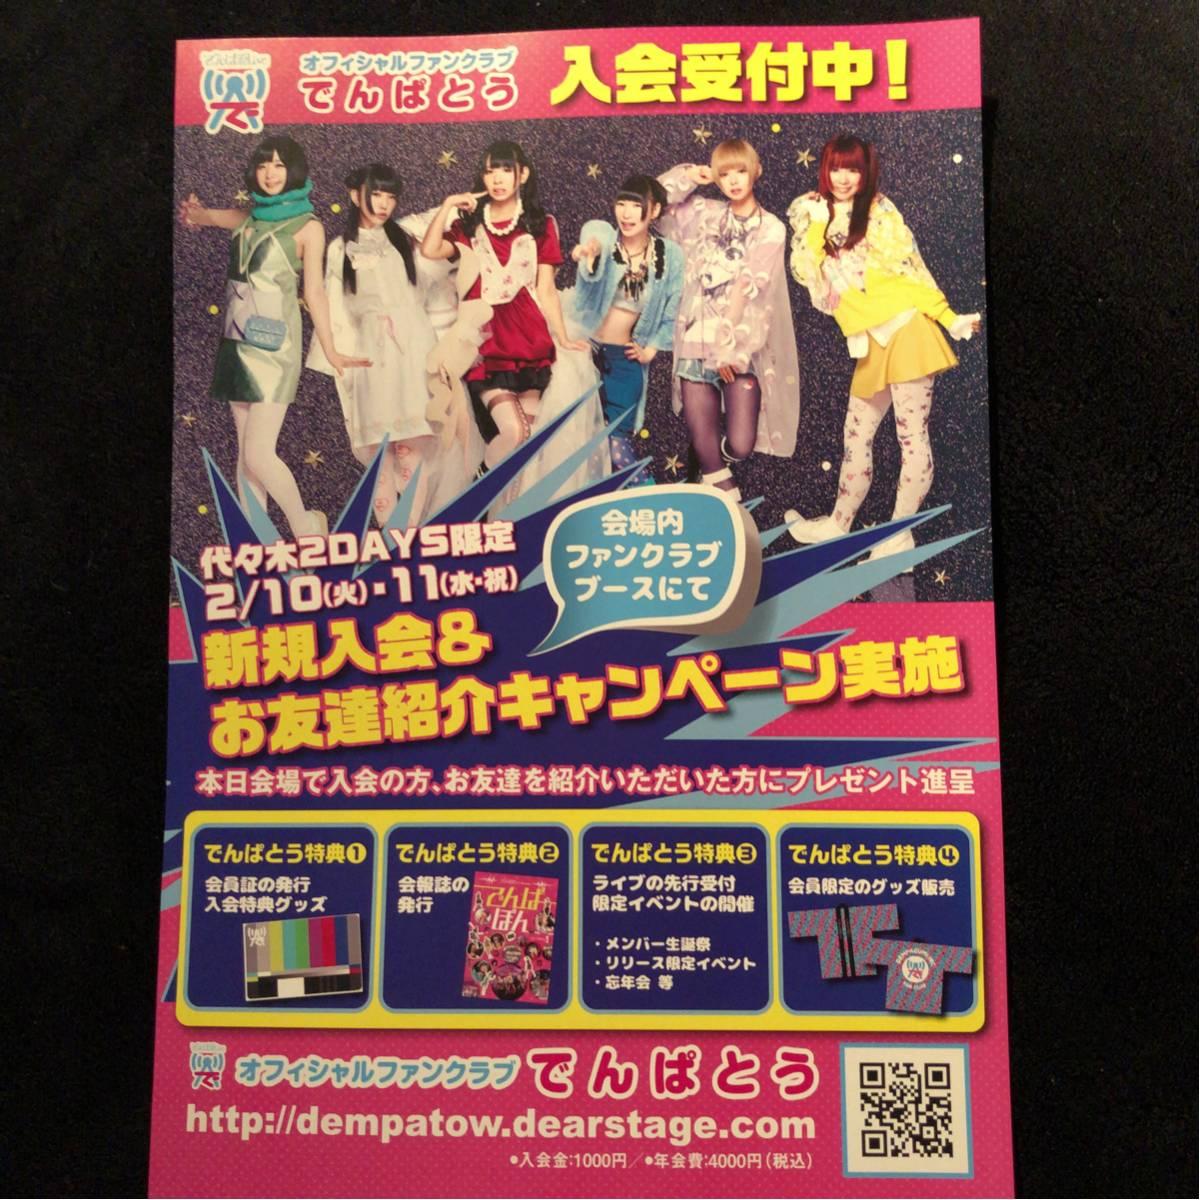 ファンクラブチラシ★でんぱ組.inc / オフィシャルファンクラブ 「でんぱとう」